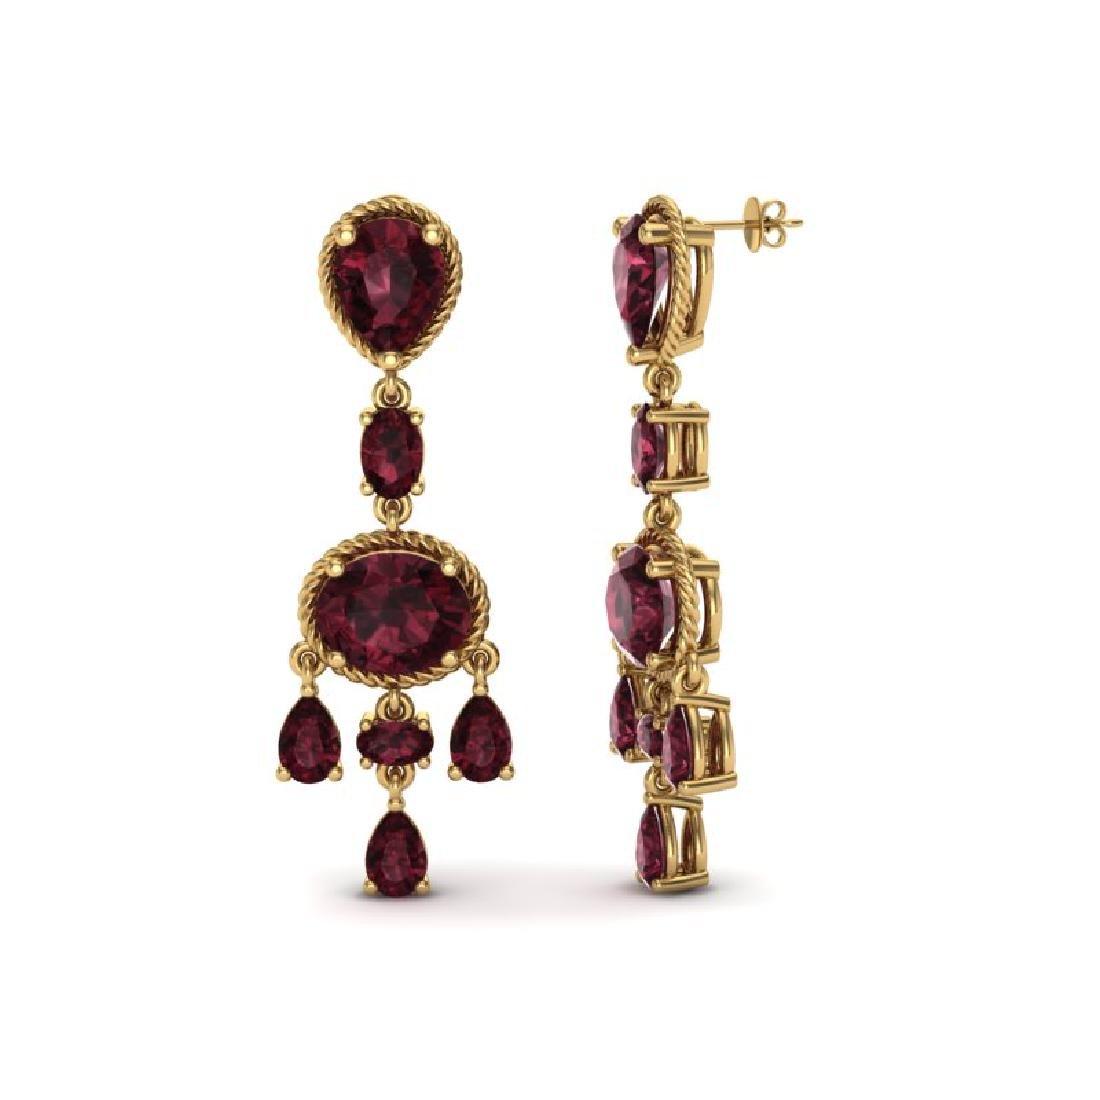 16 CTW Garnet Earrings Designer Vintage 10K Yellow Gold - 2